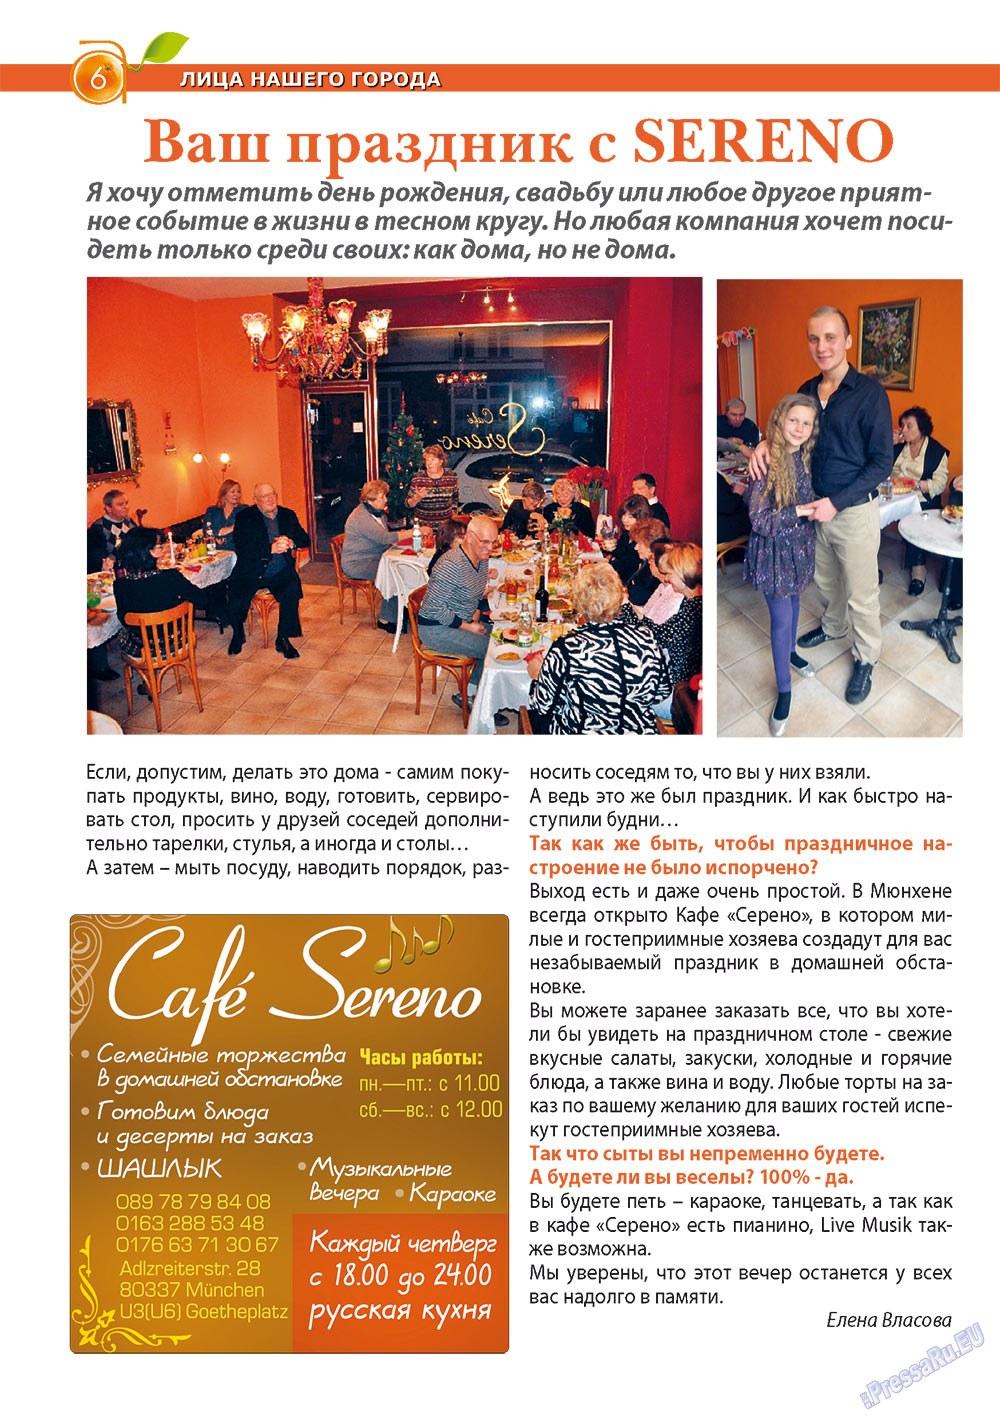 Апельсин (журнал). 2013 год, номер 42, стр. 4